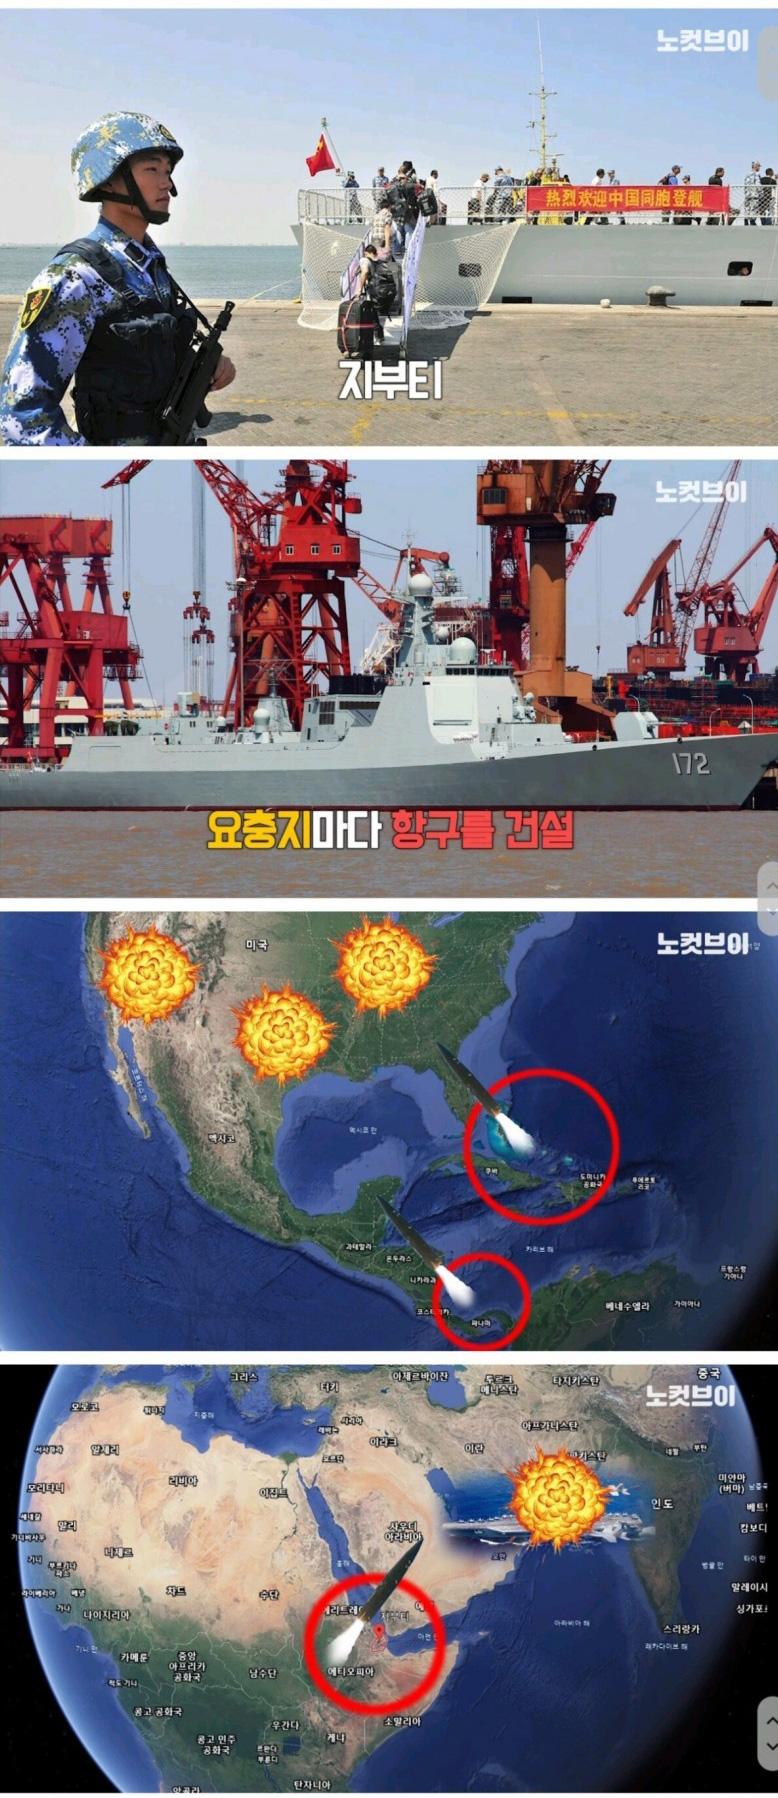 중국의 컨테이너 위장 무기